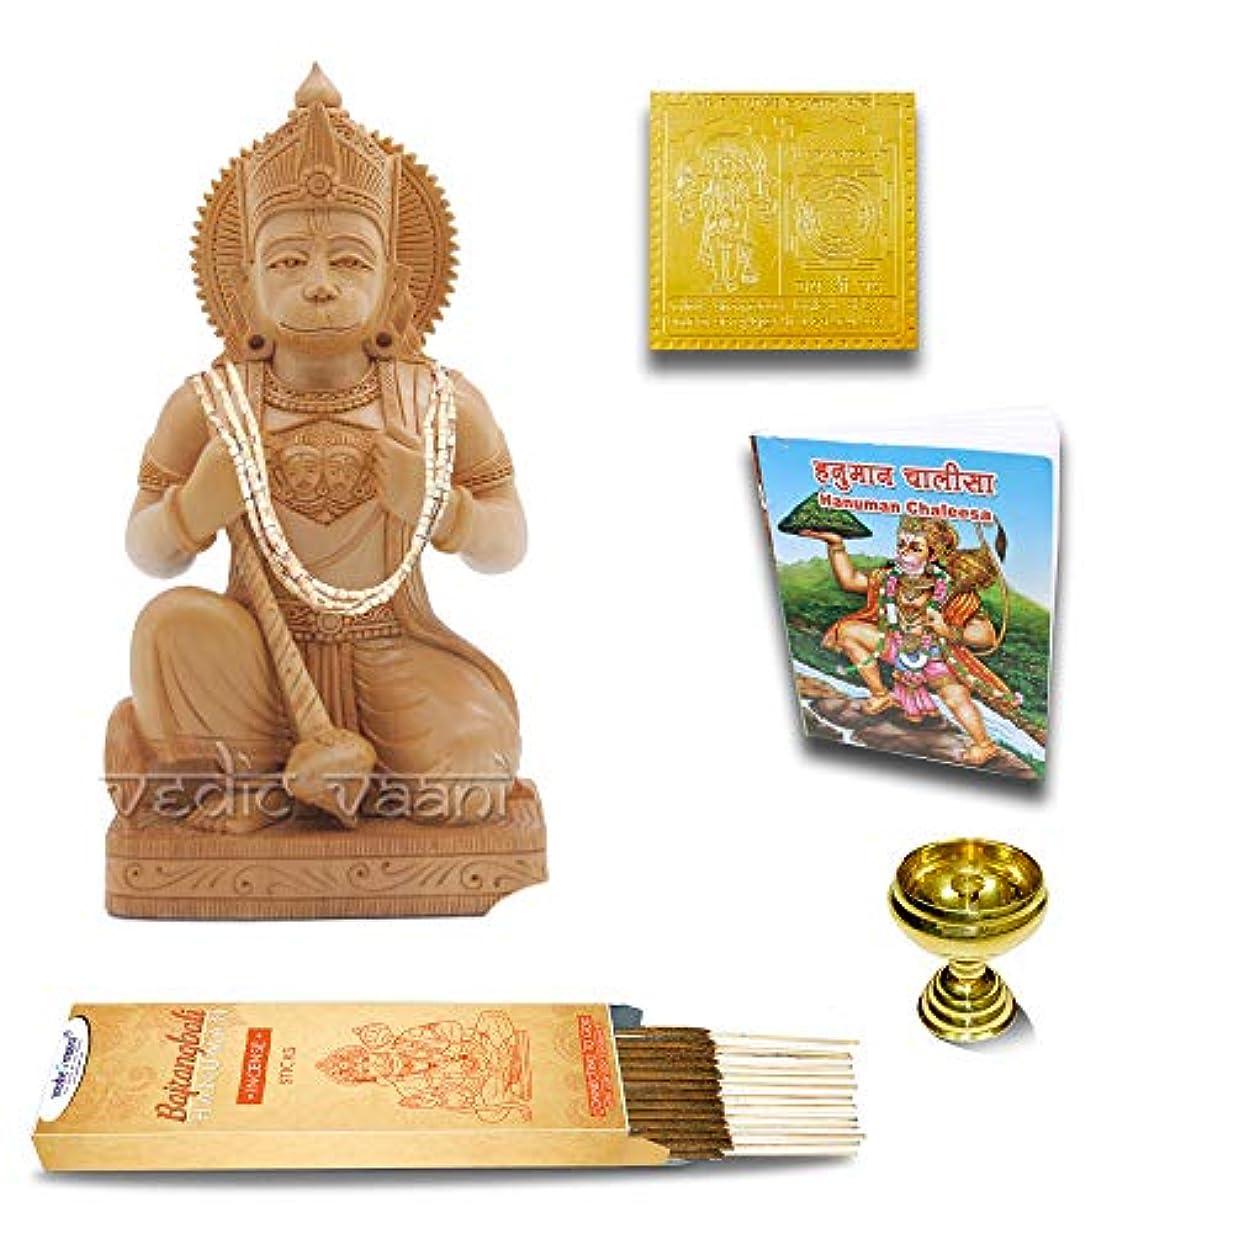 境界手を差し伸べるスチュワーデスVedic Vaani Ram Bhakat Hanuman 木製像 ヤントラ チャリサ ディヤ お香スティック付き 100gm